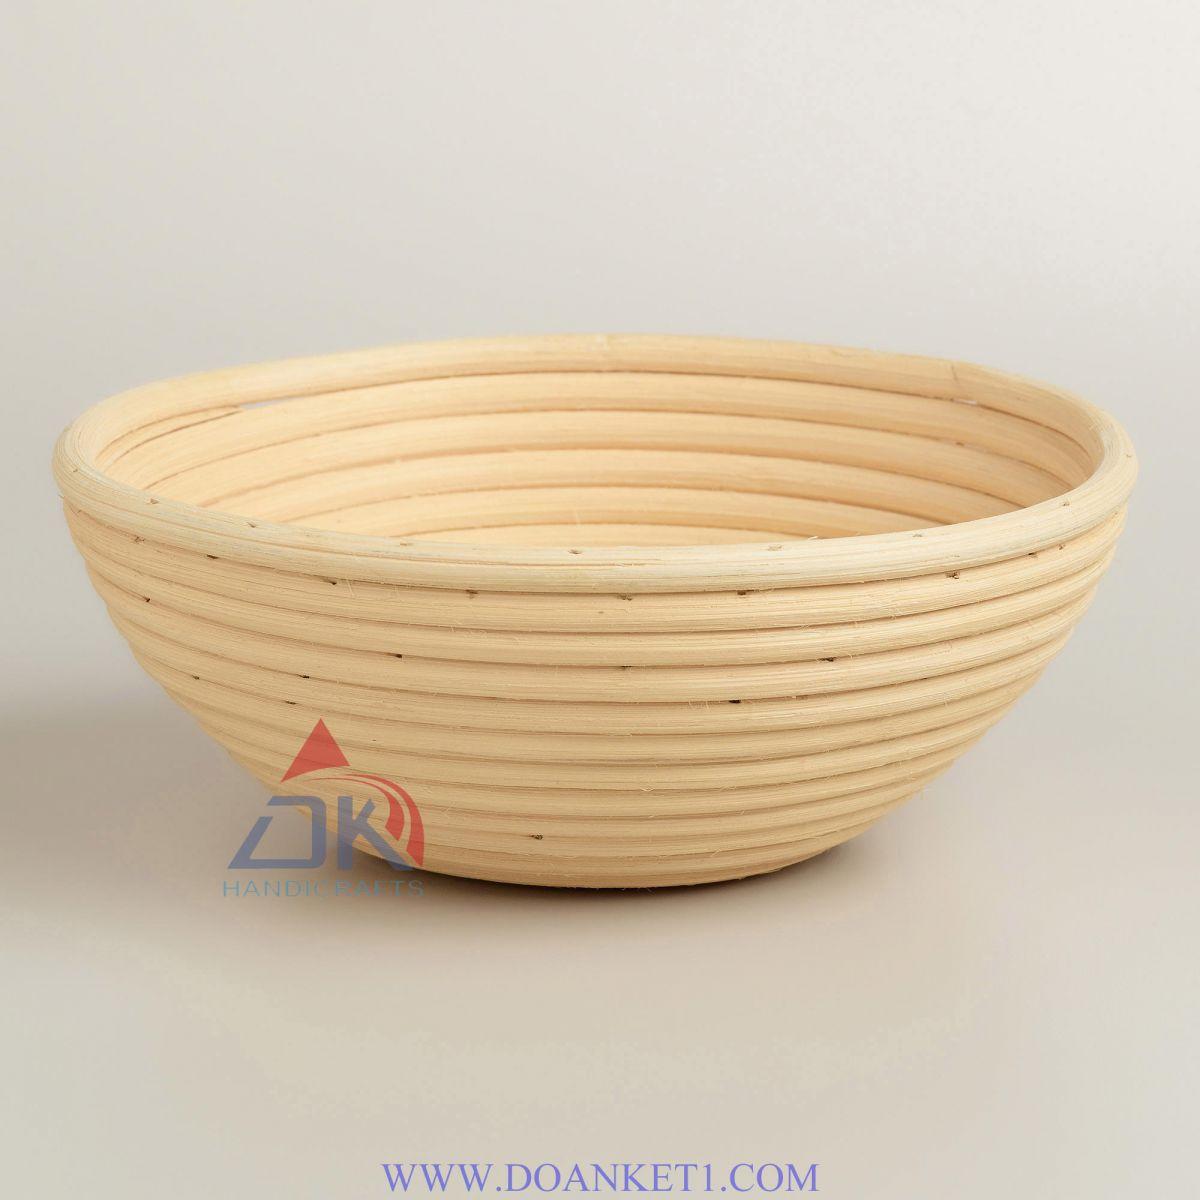 Rattan Bread Basket # DK134